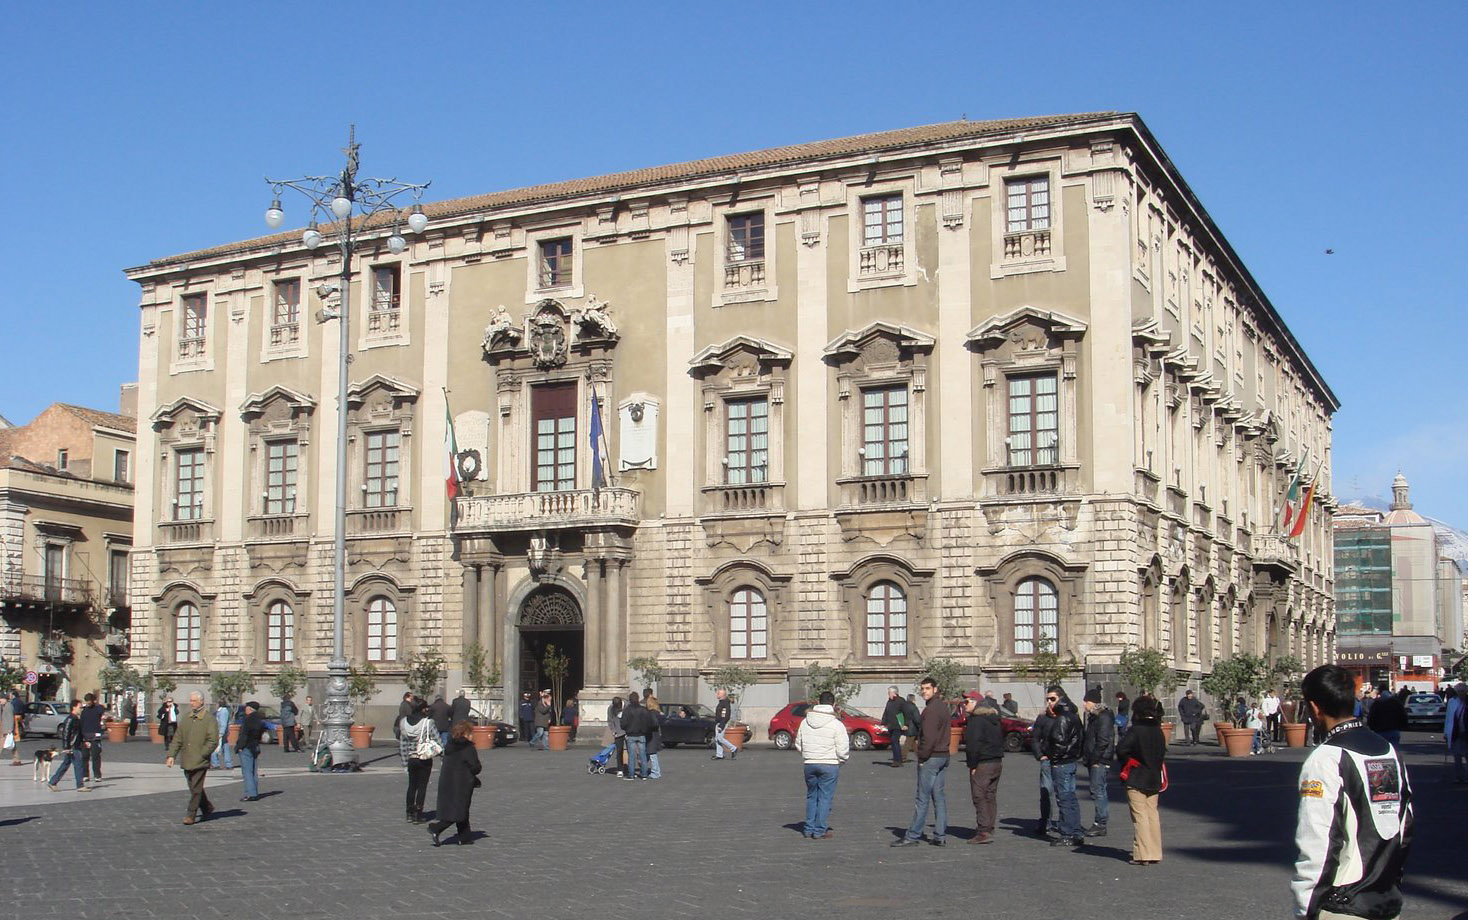 Ufficio Di Collocamento Catania : Ufficio di collocamentou d linkedin dagli esperti i consigli per